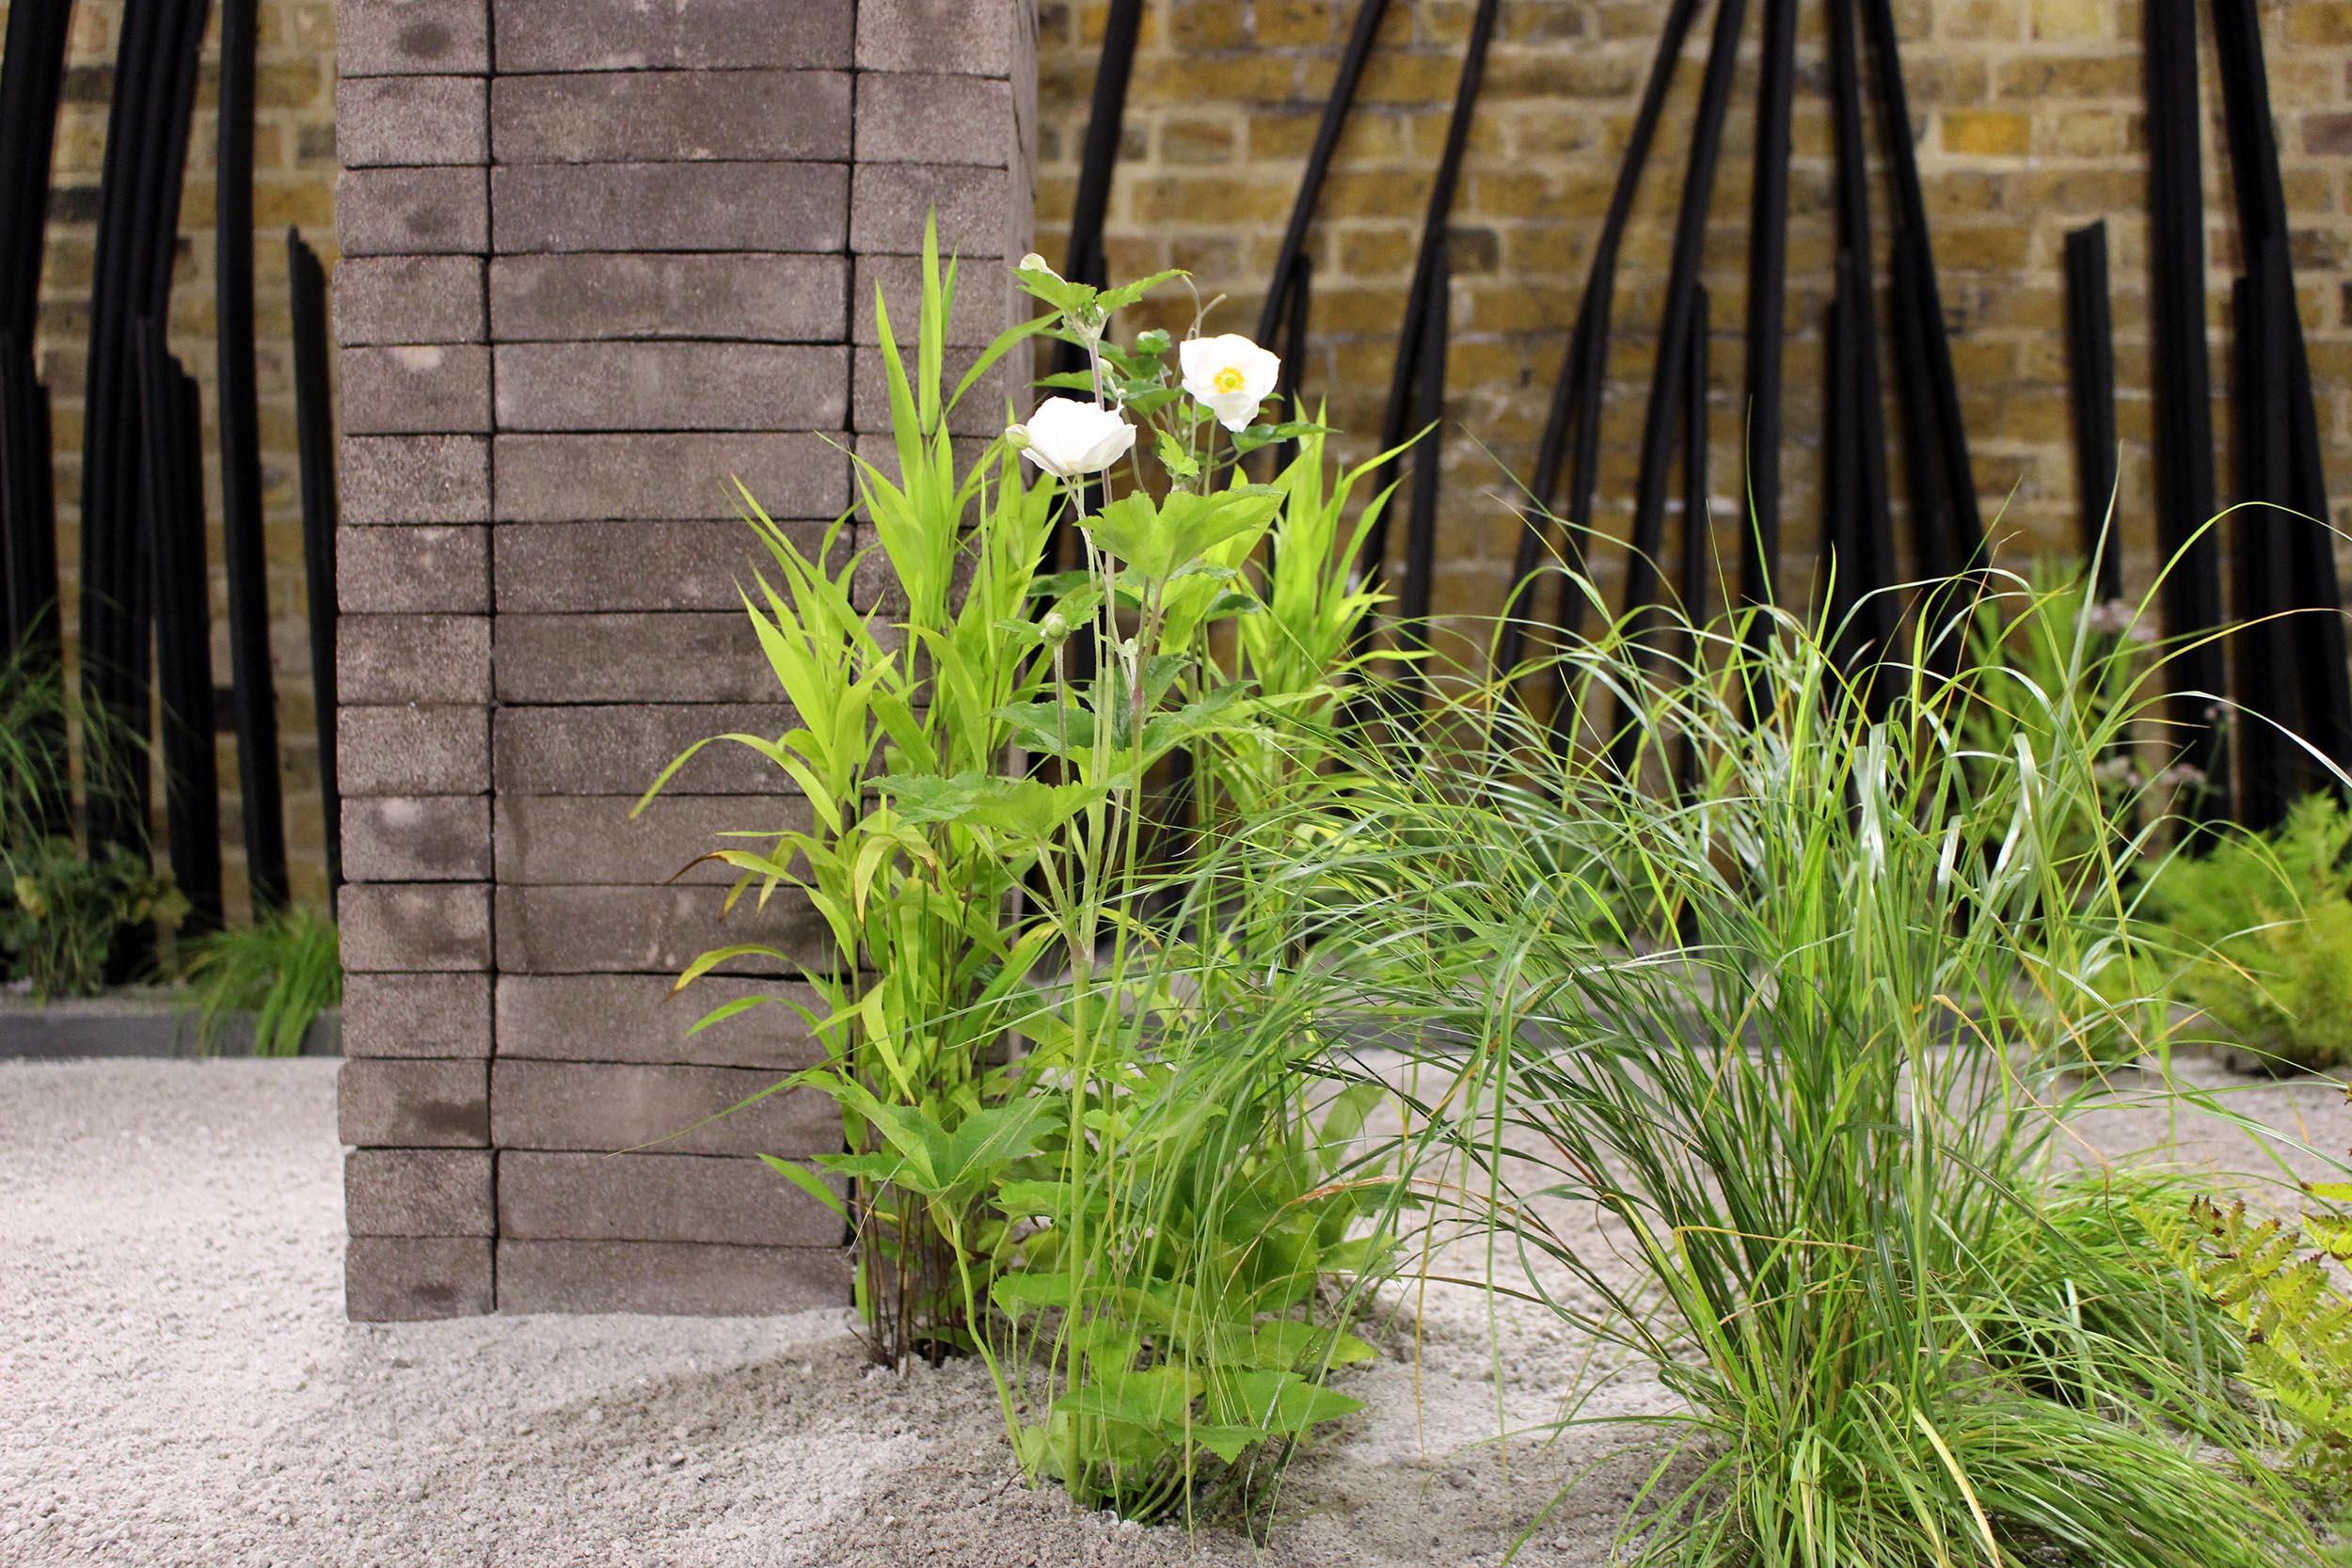 london-bridge-garden-installation-minimalist-forms-sculpture.jpg